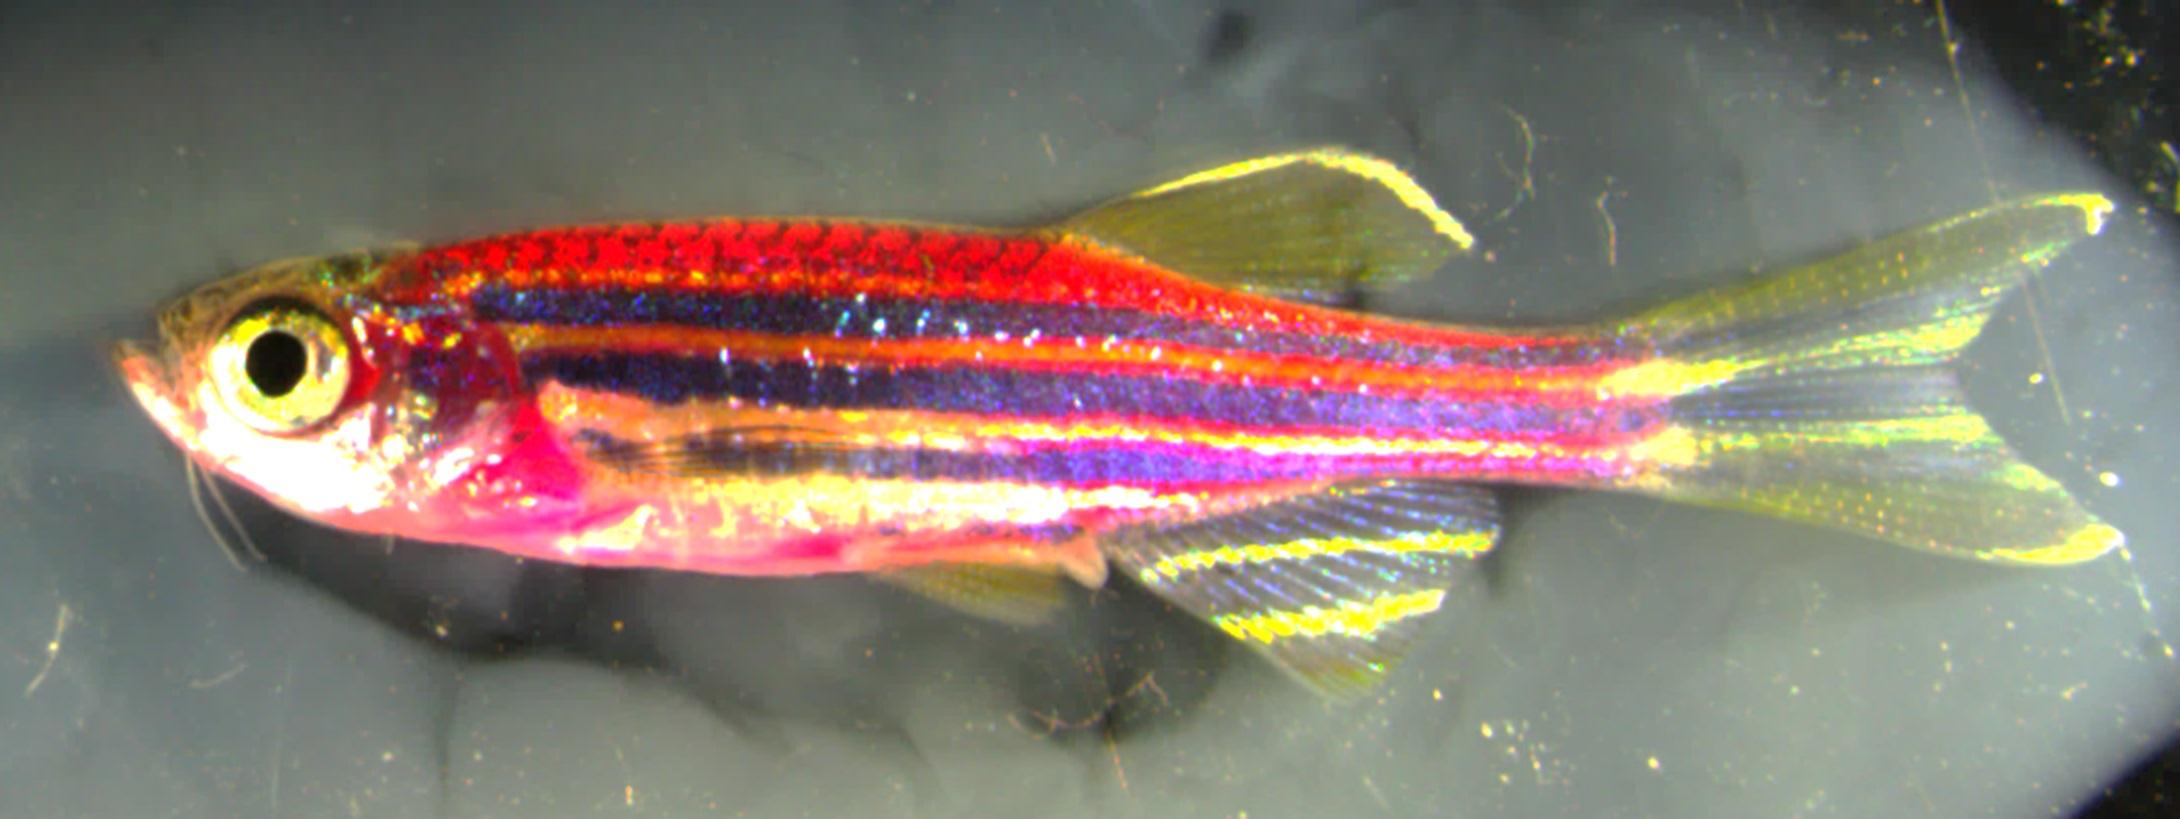 Crean el pez Technicolor para saber cómo cicatriza la piel